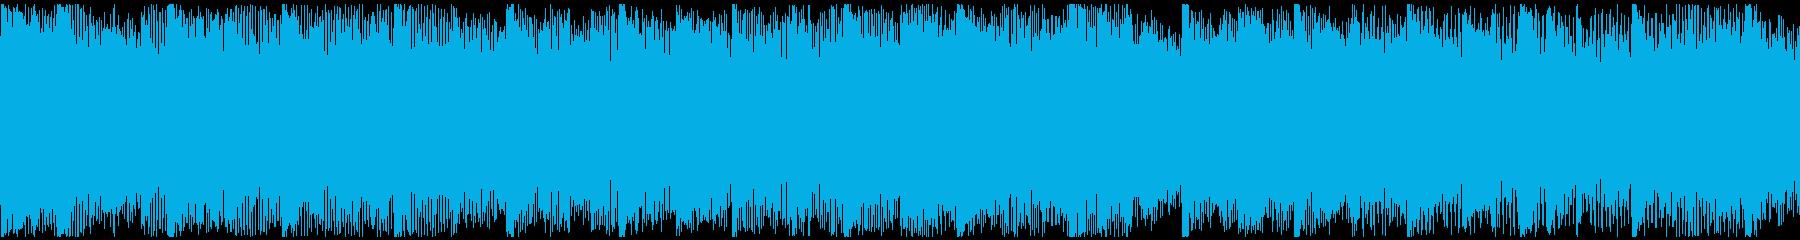 バイクで爆走したくなる洋楽風の曲-ループの再生済みの波形